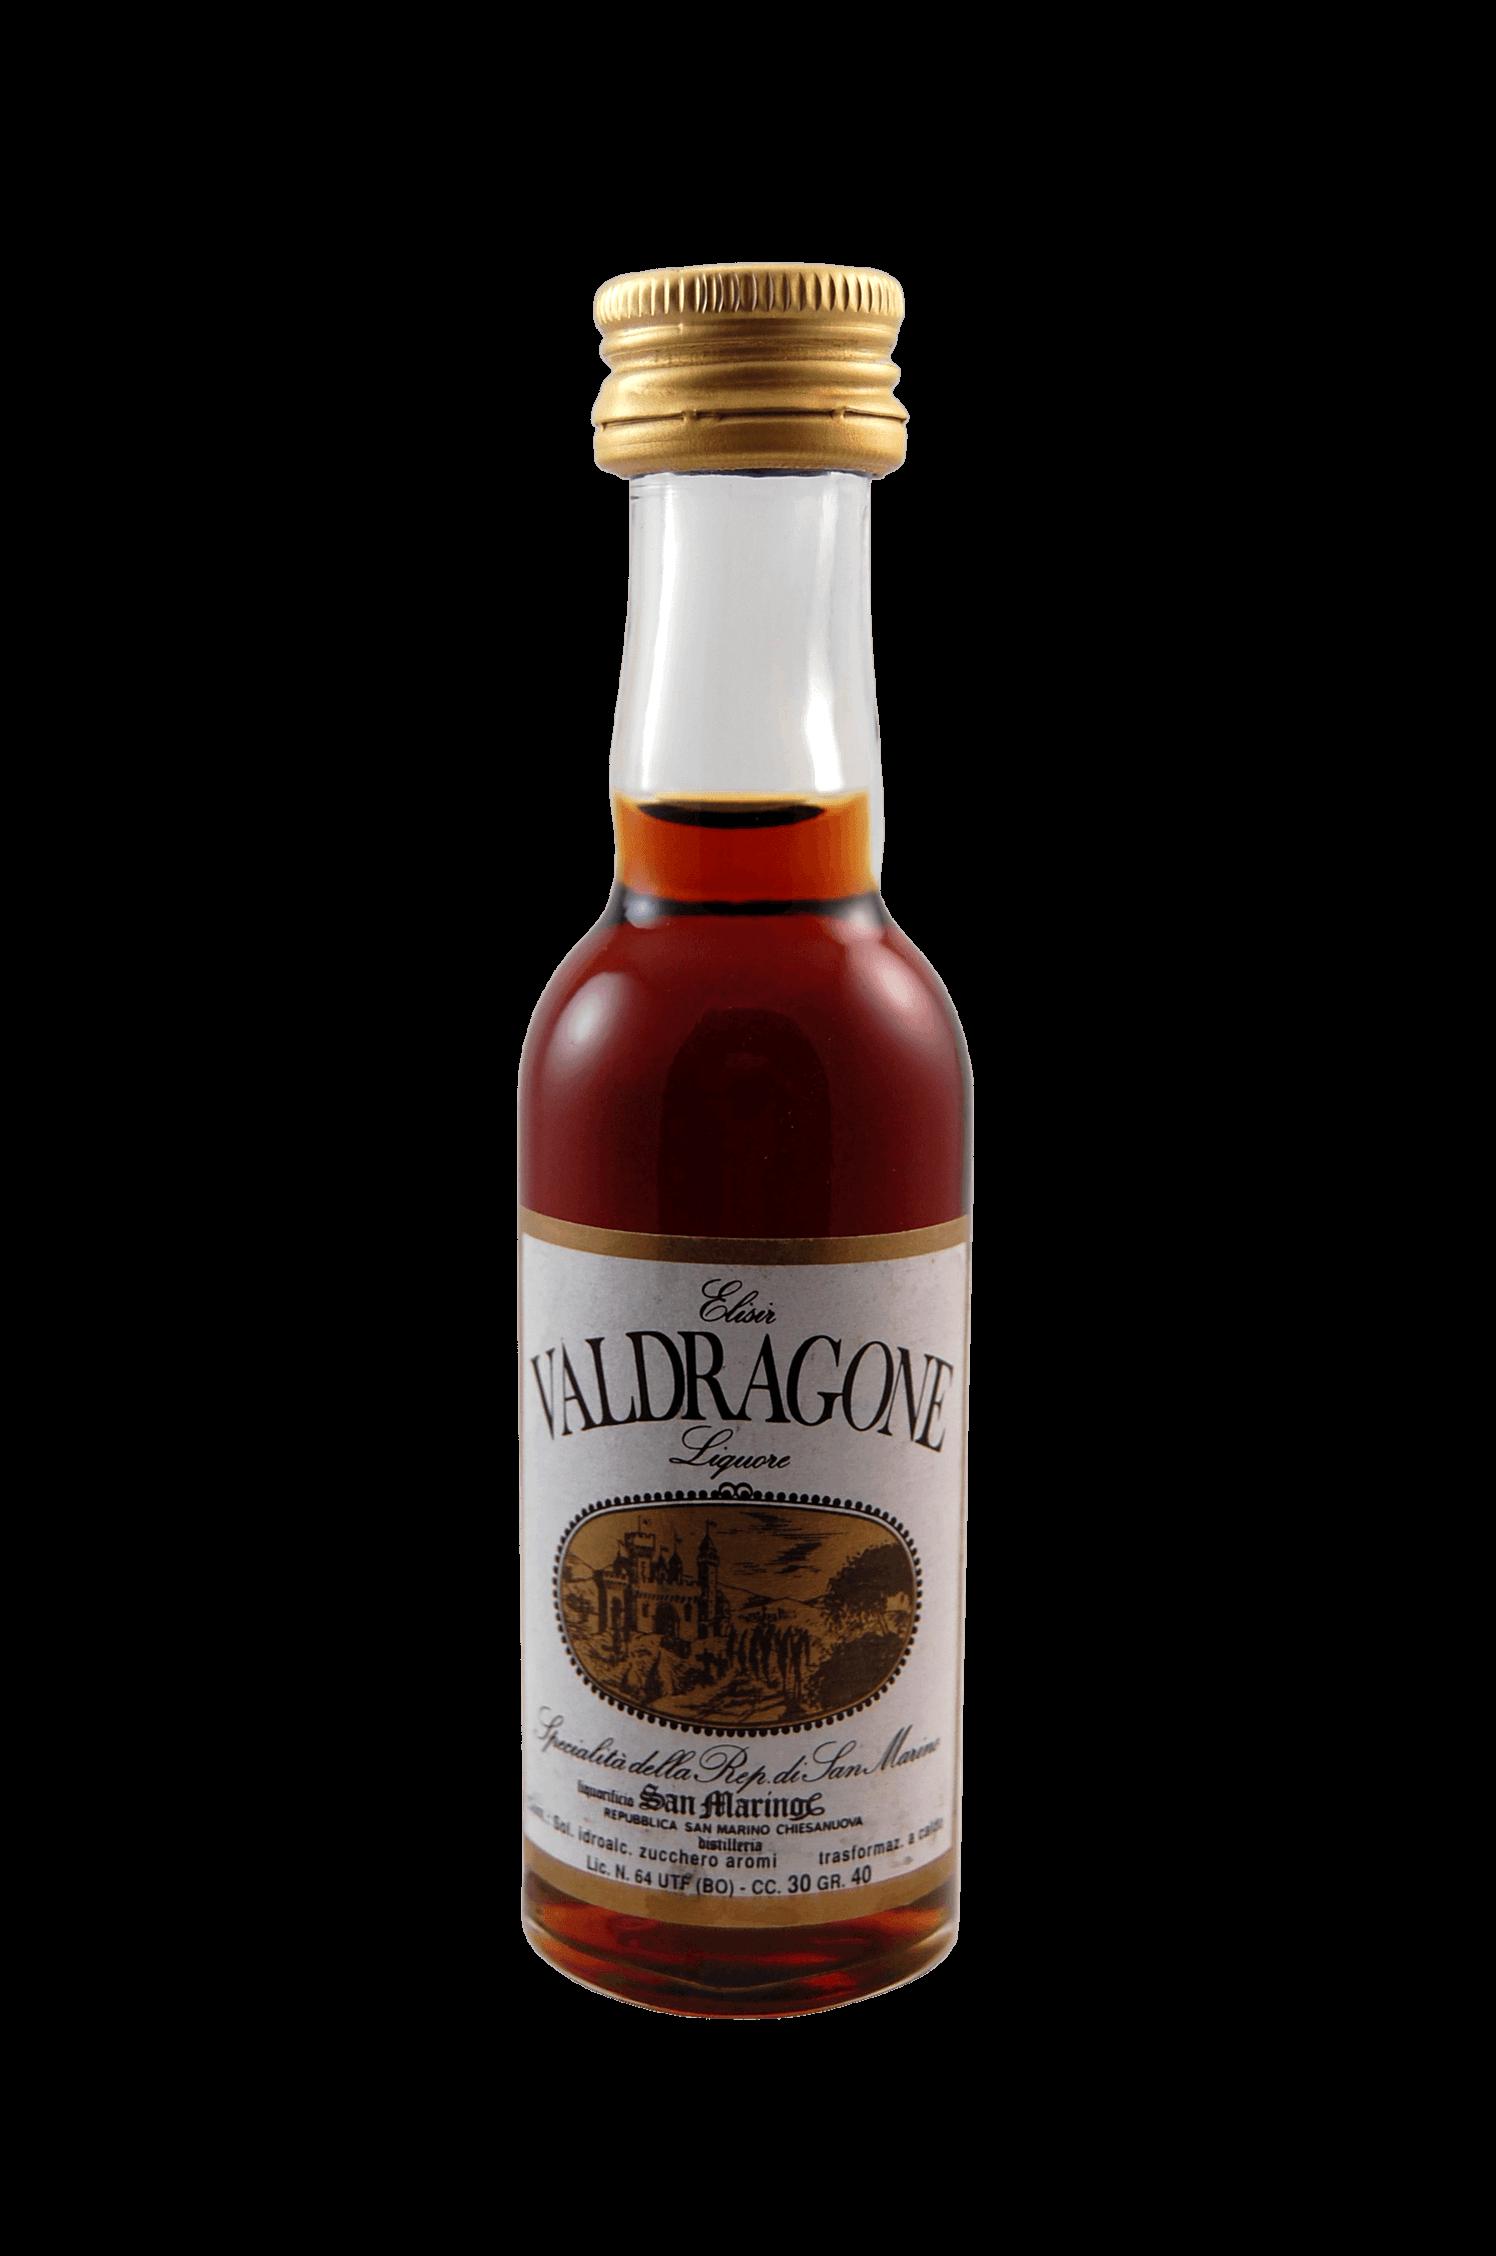 Elisir Valdragone Liquore